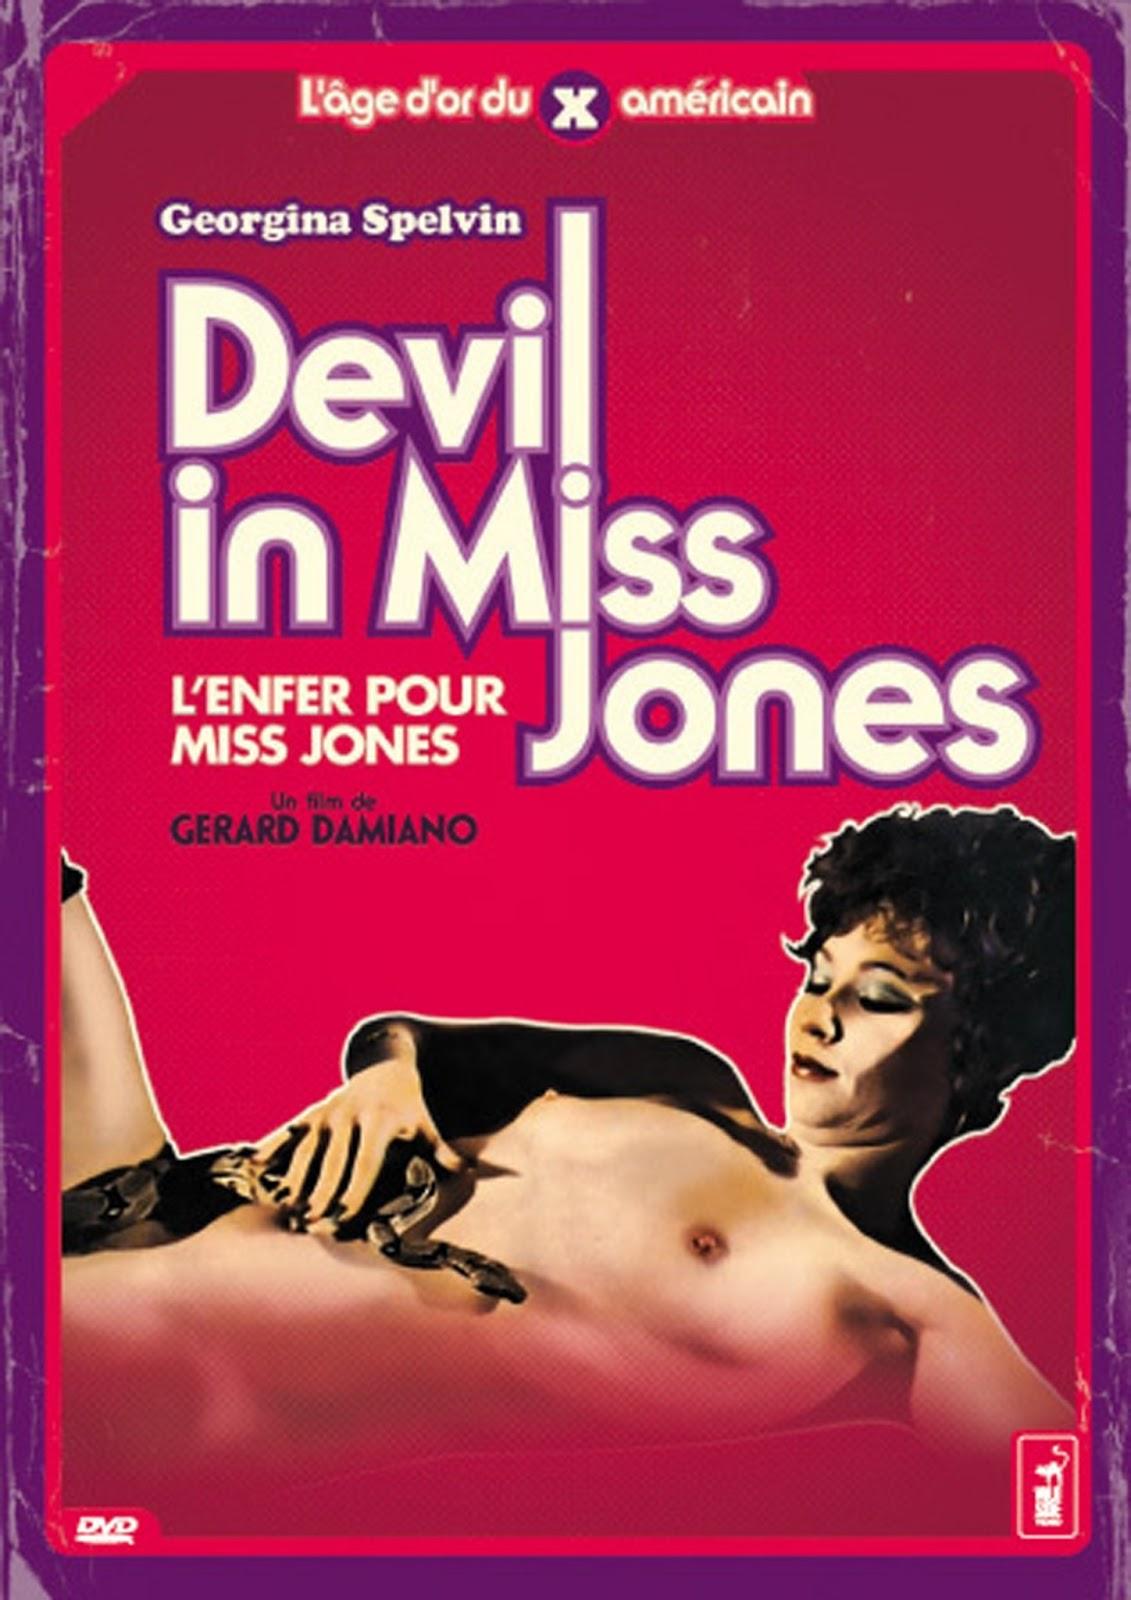 Diablo en el jones porno de miss jones